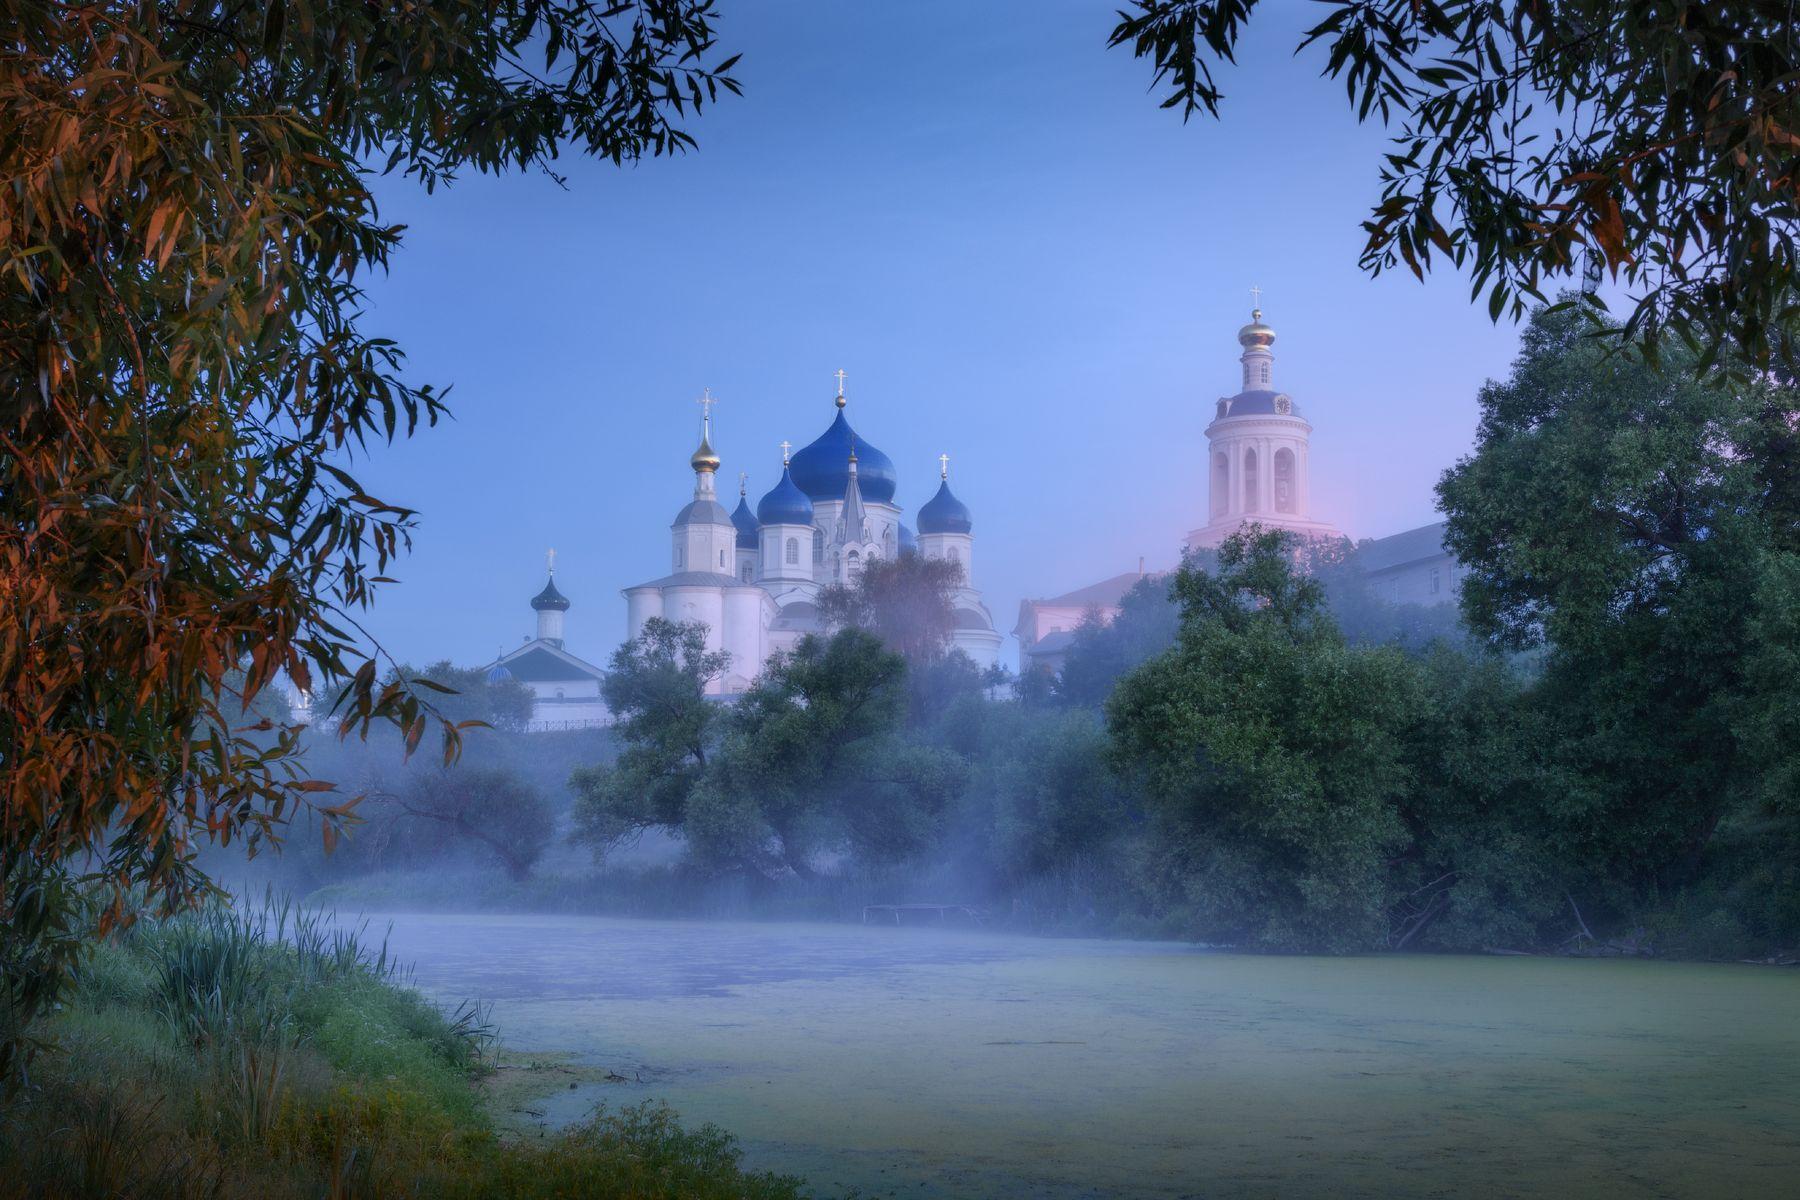 Свято-Боголюбский женский монастырь перед рассветом владимирская область боголюбово предрассветная ночь туман храм монастырь лето ряска пруд